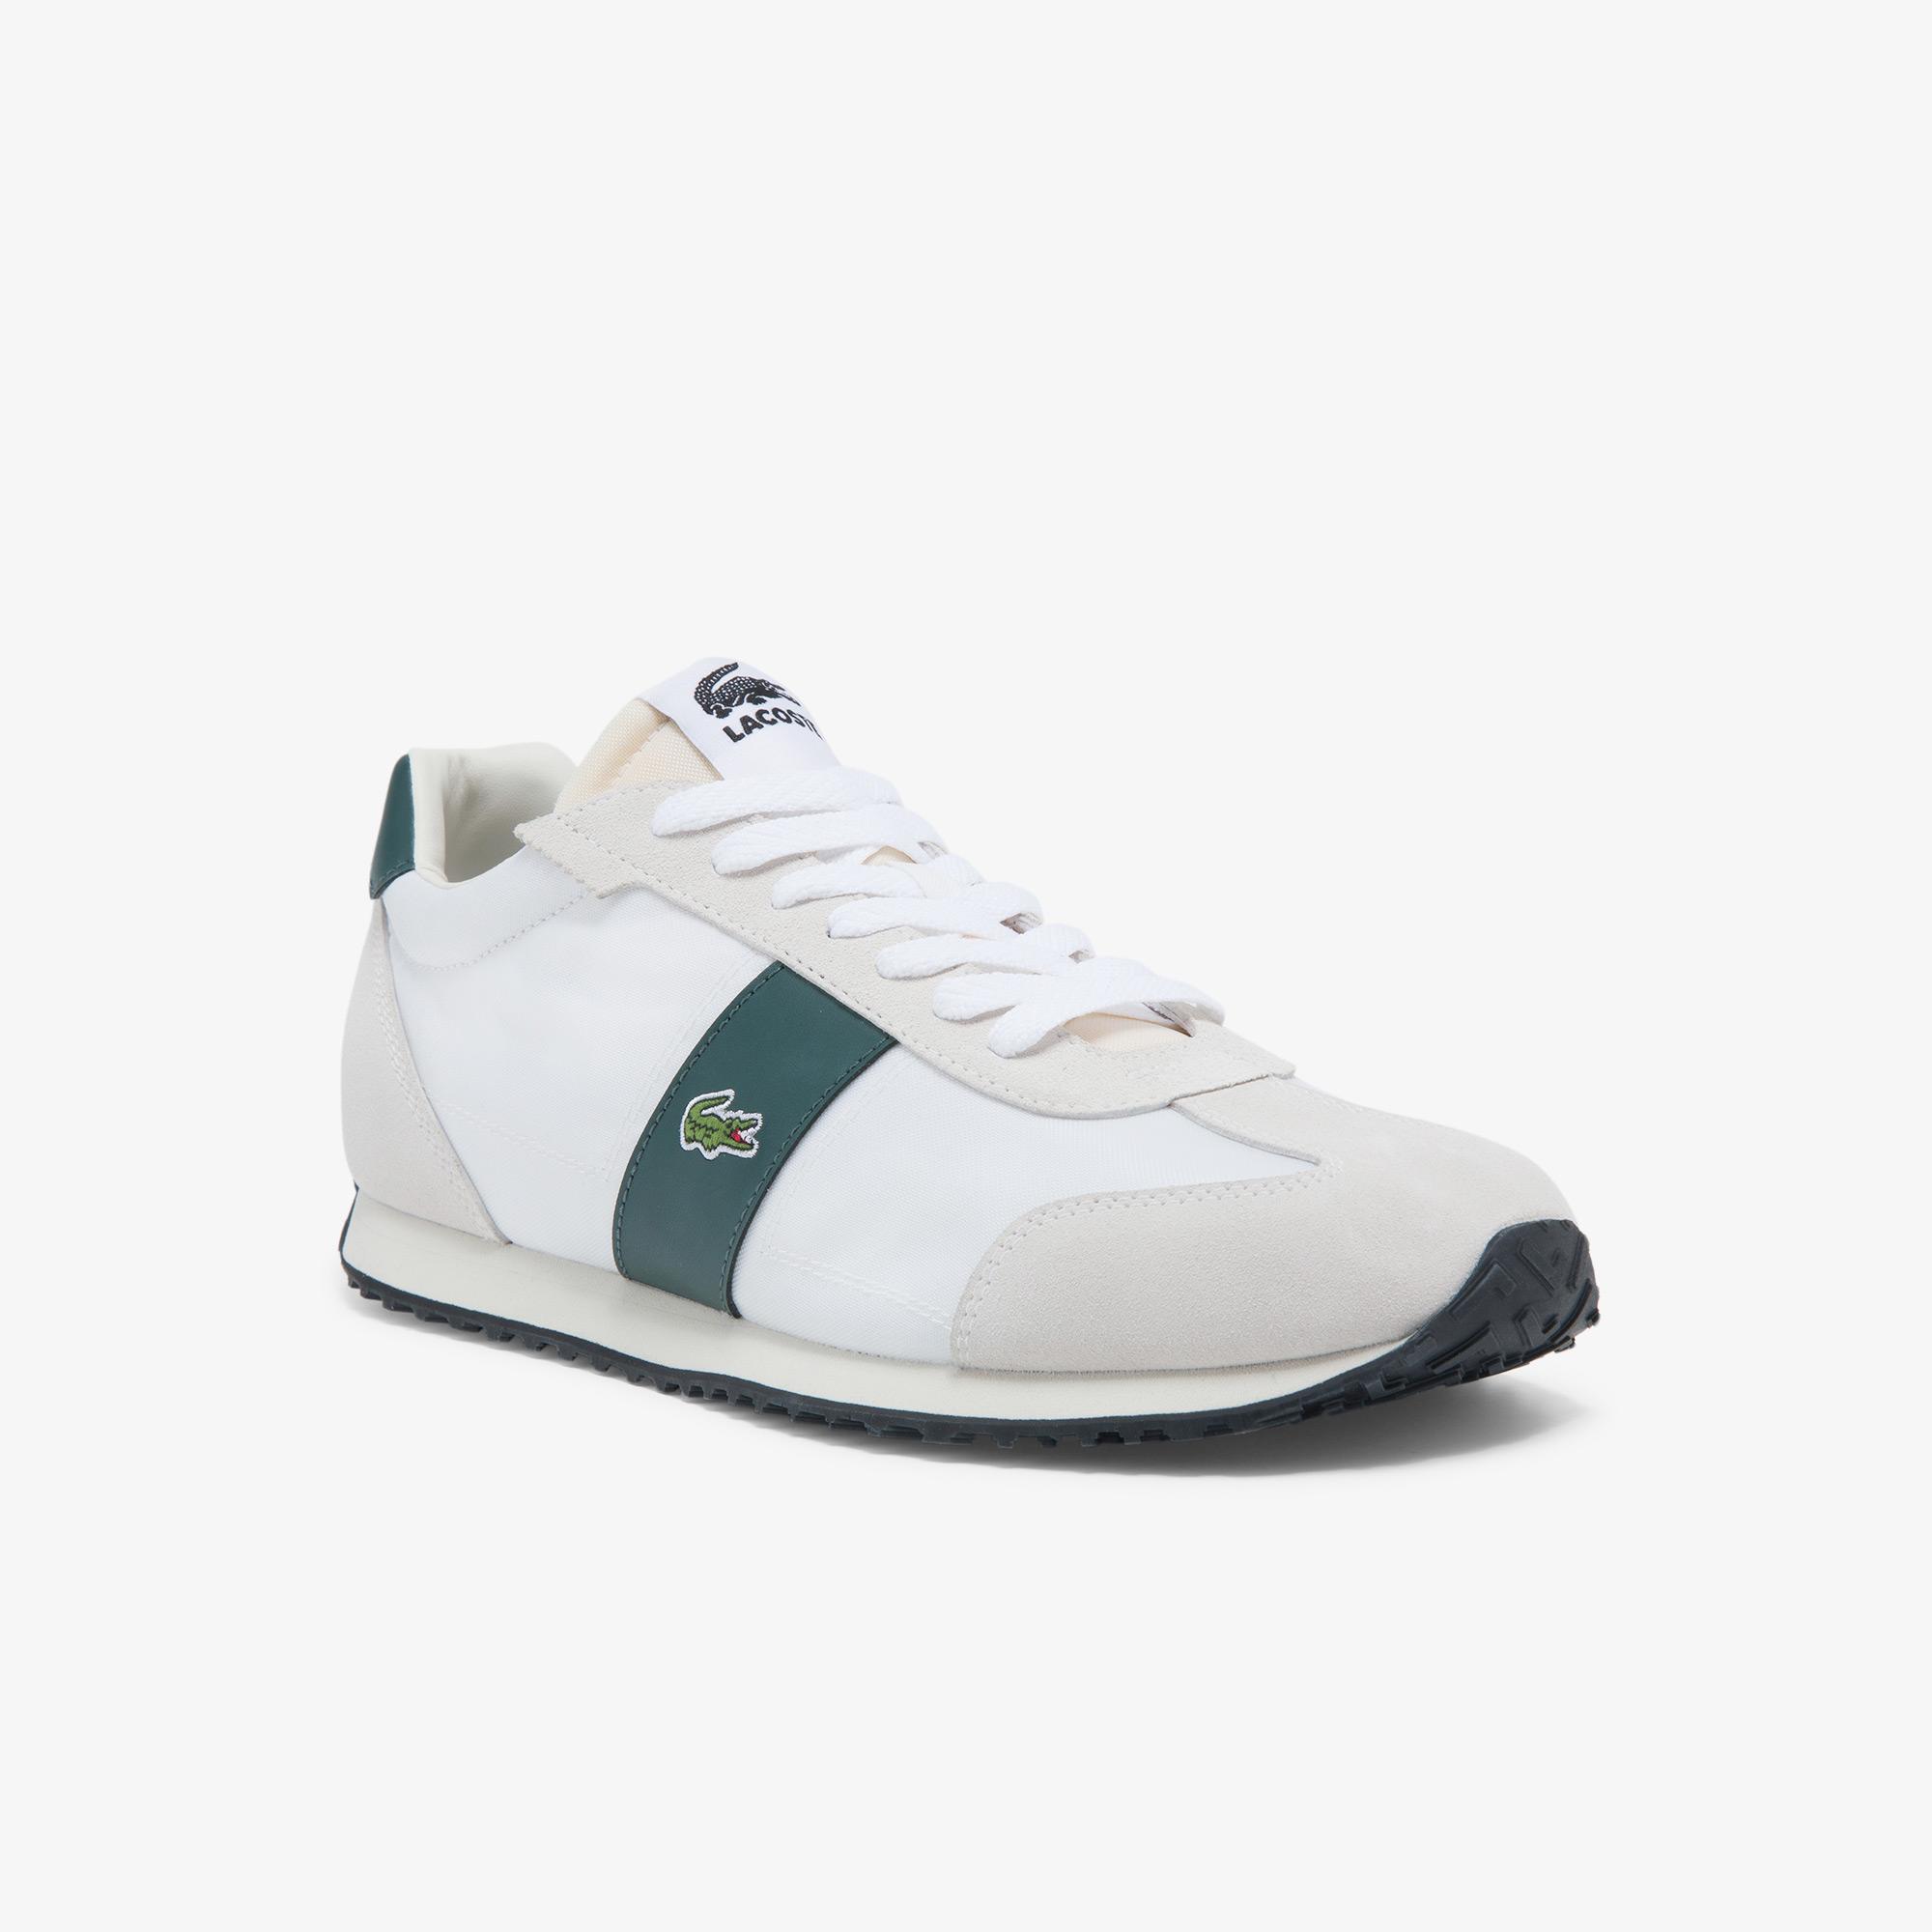 Lacoste Court Pace 0121 1 Sma Erkek Deri Kırık Beyaz - Koyu Yeşil Sneaker